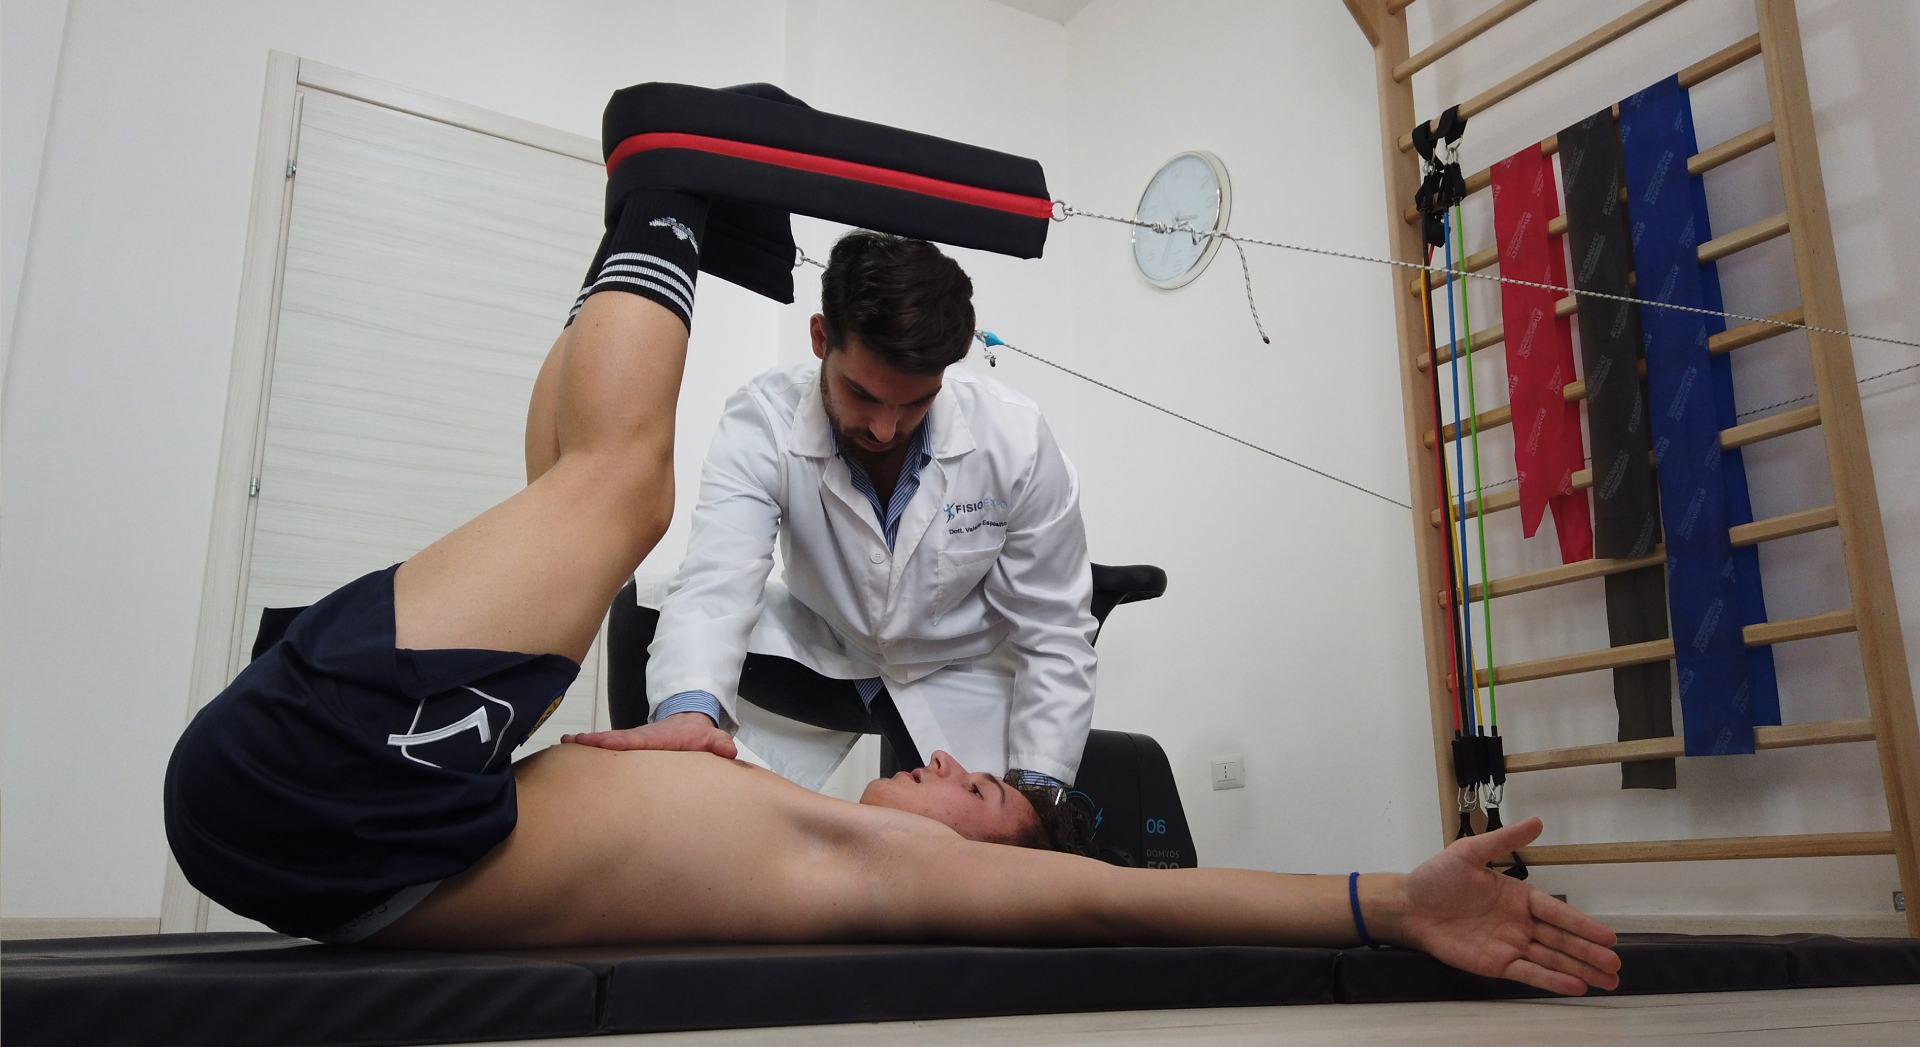 Il fisioterapista alle prese con una seduta di ginnastica posturale applicando il metodo Mezieres